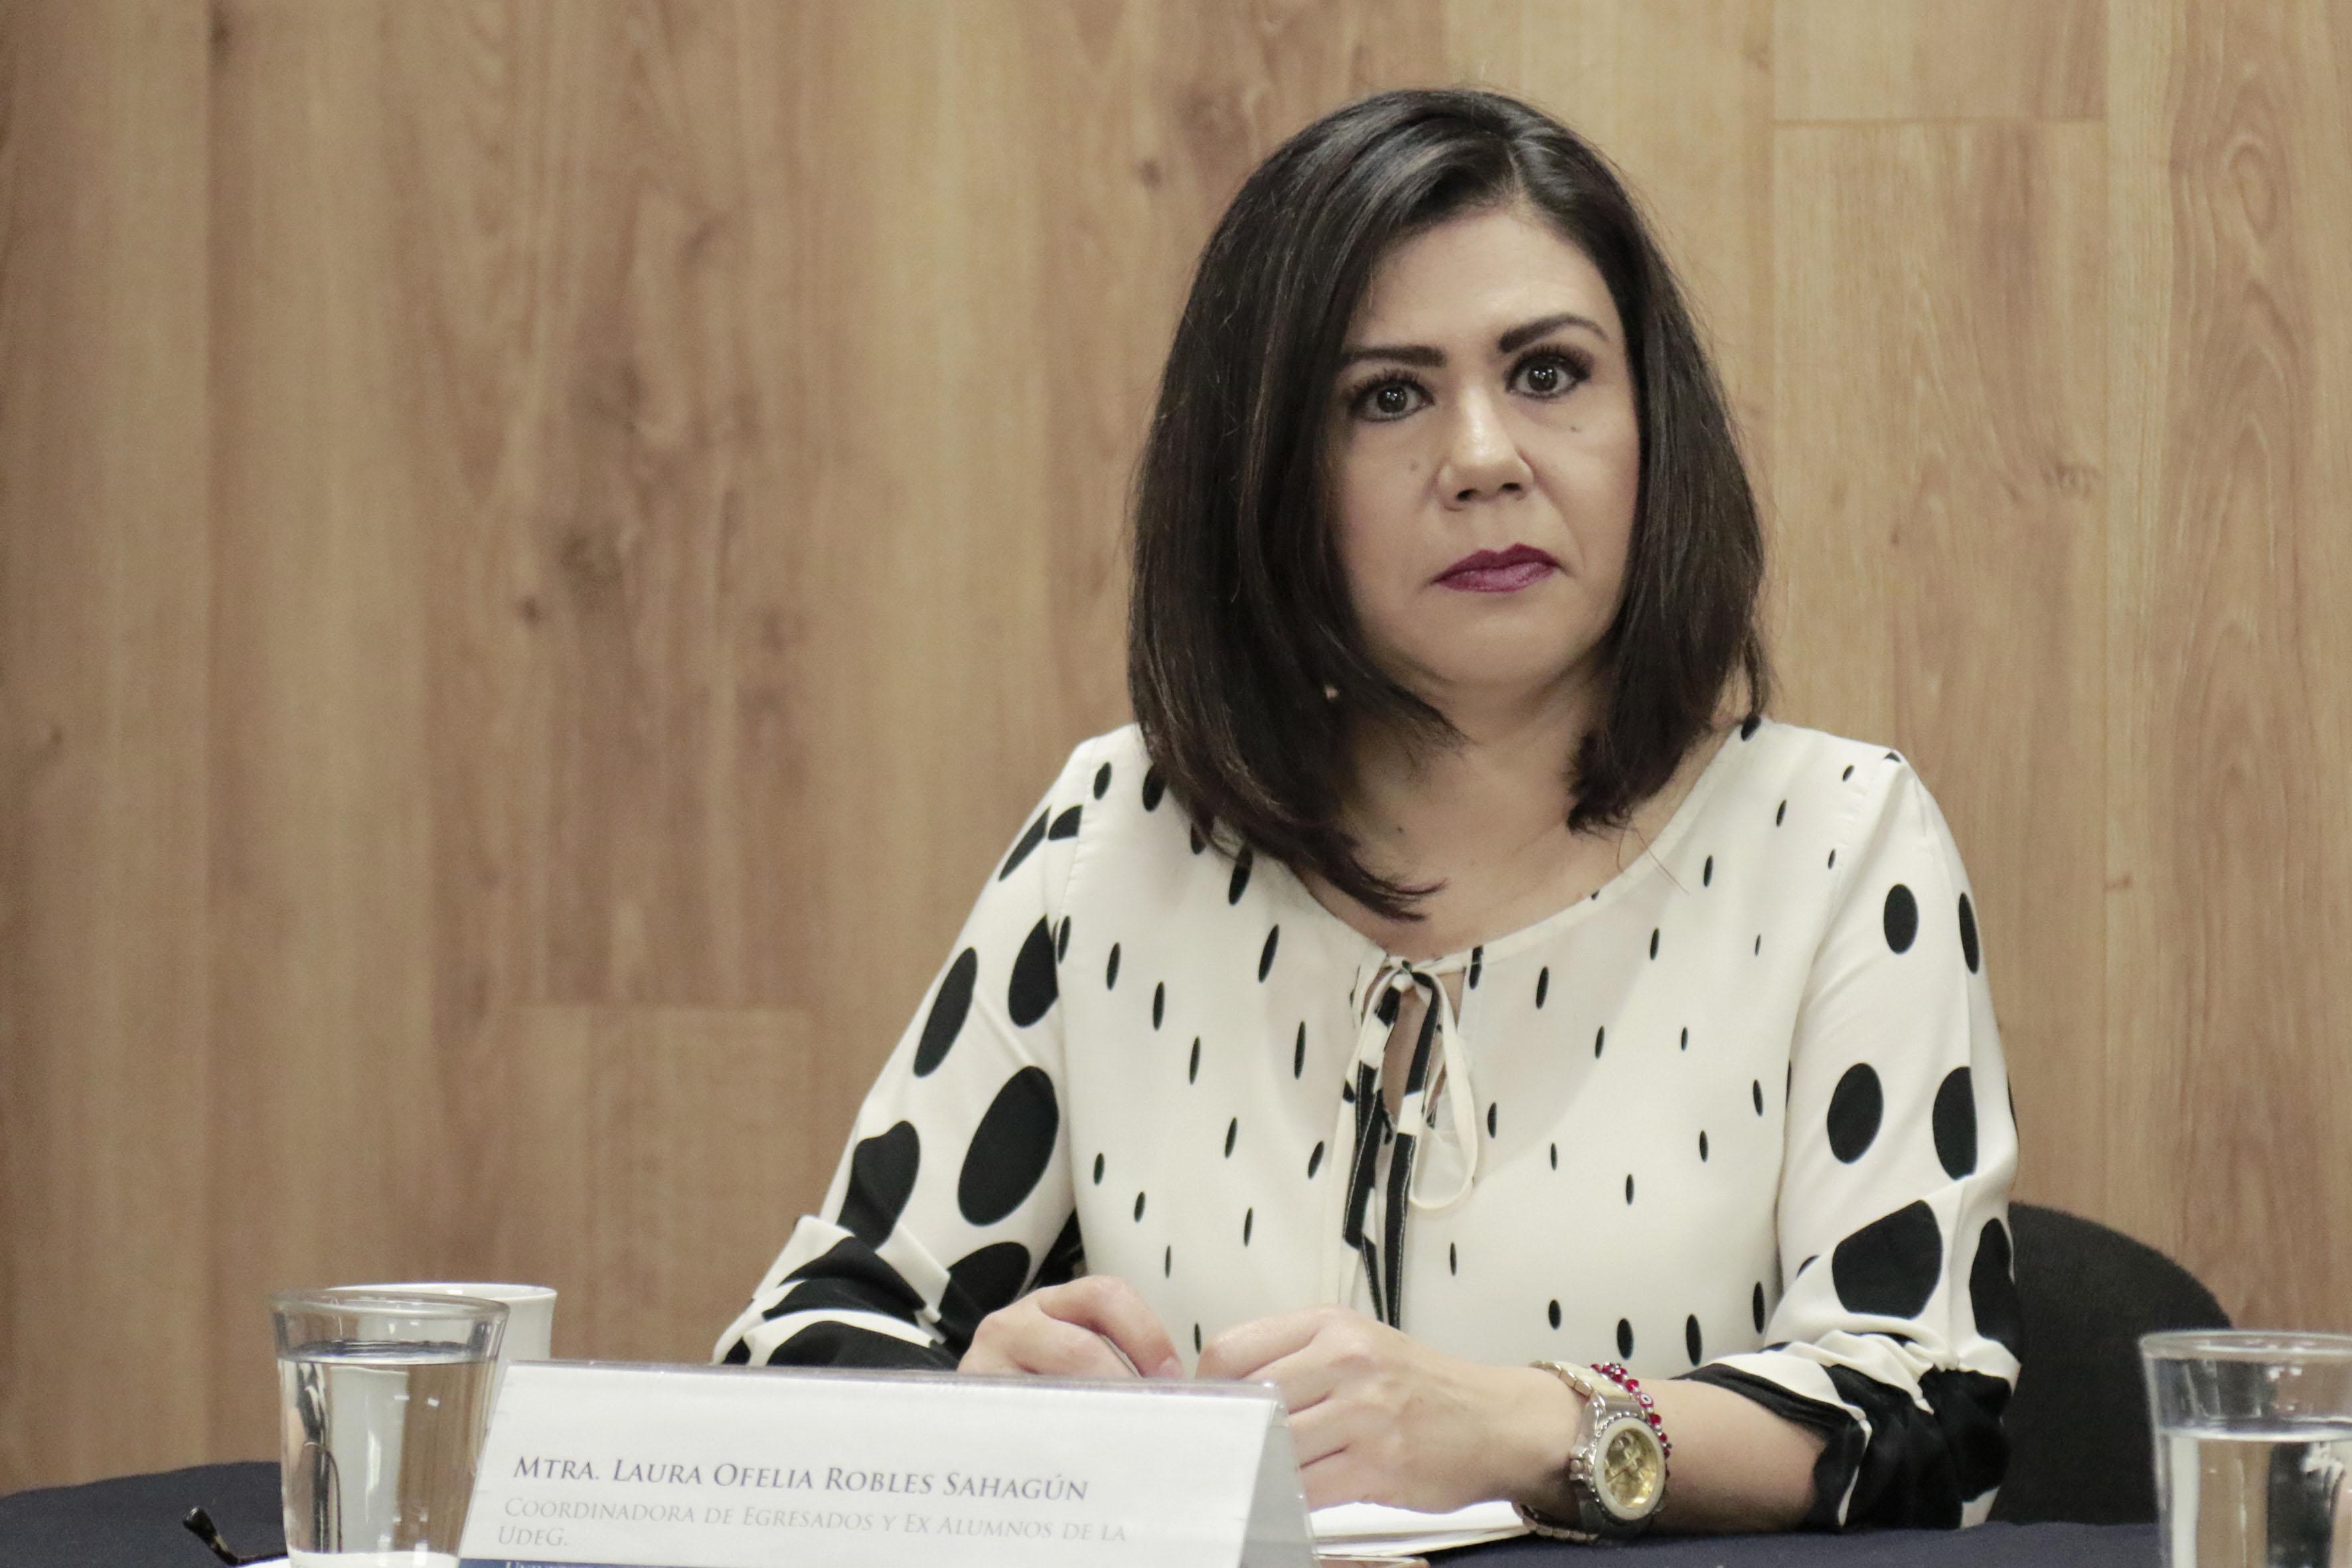 Mtra. Laura Ofelia Robles Sahagún participando en la rueda de prensa